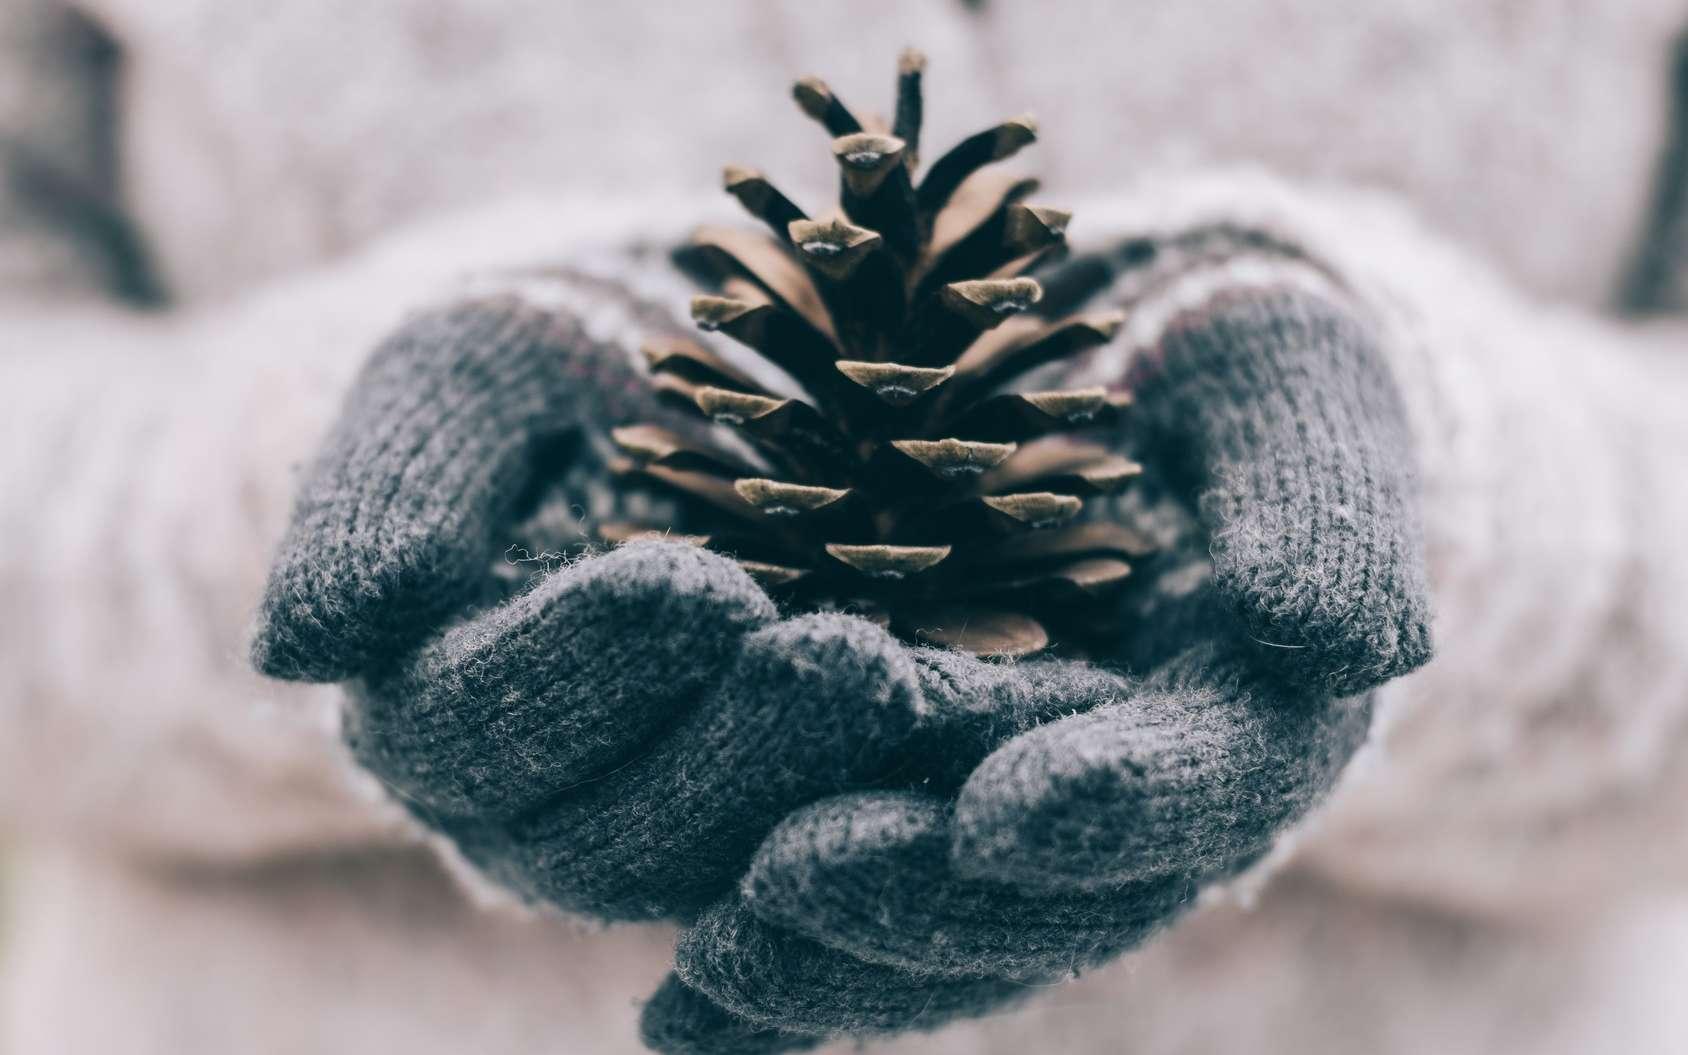 Le froid peut favoriser un changement de couleur des doigts. © Laszlo, Fotolia